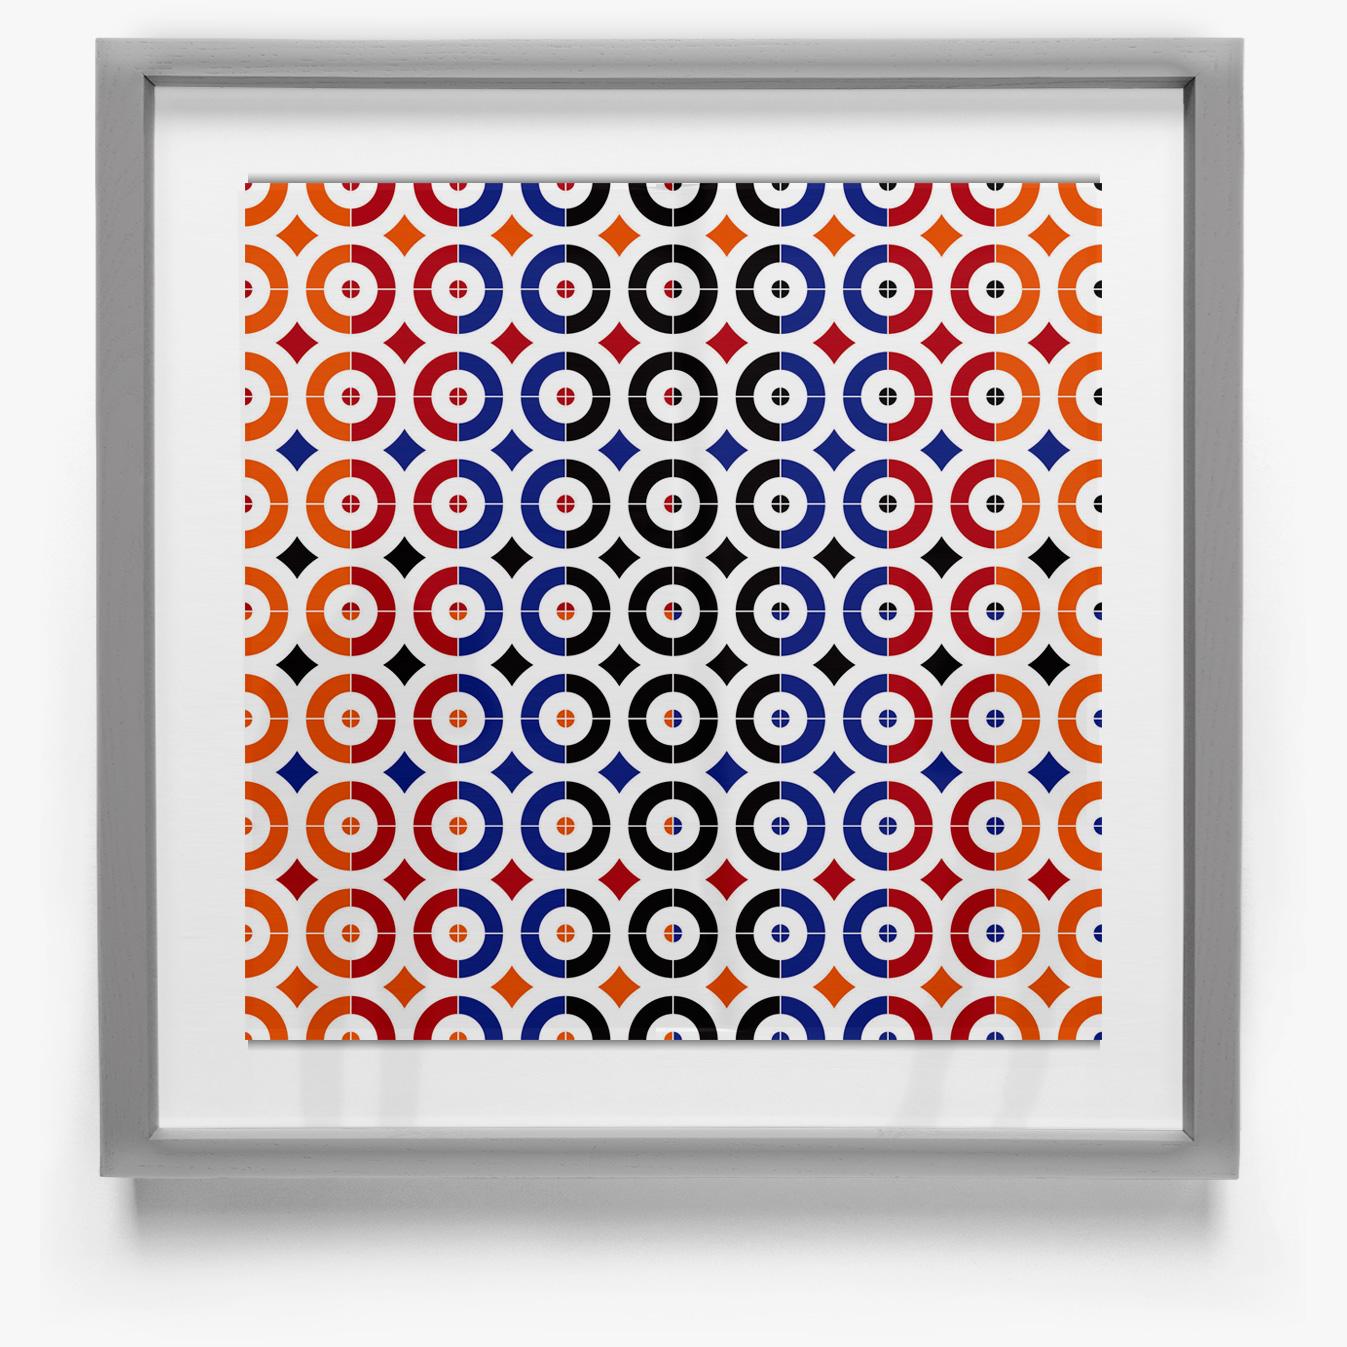 50x50_Circles_01